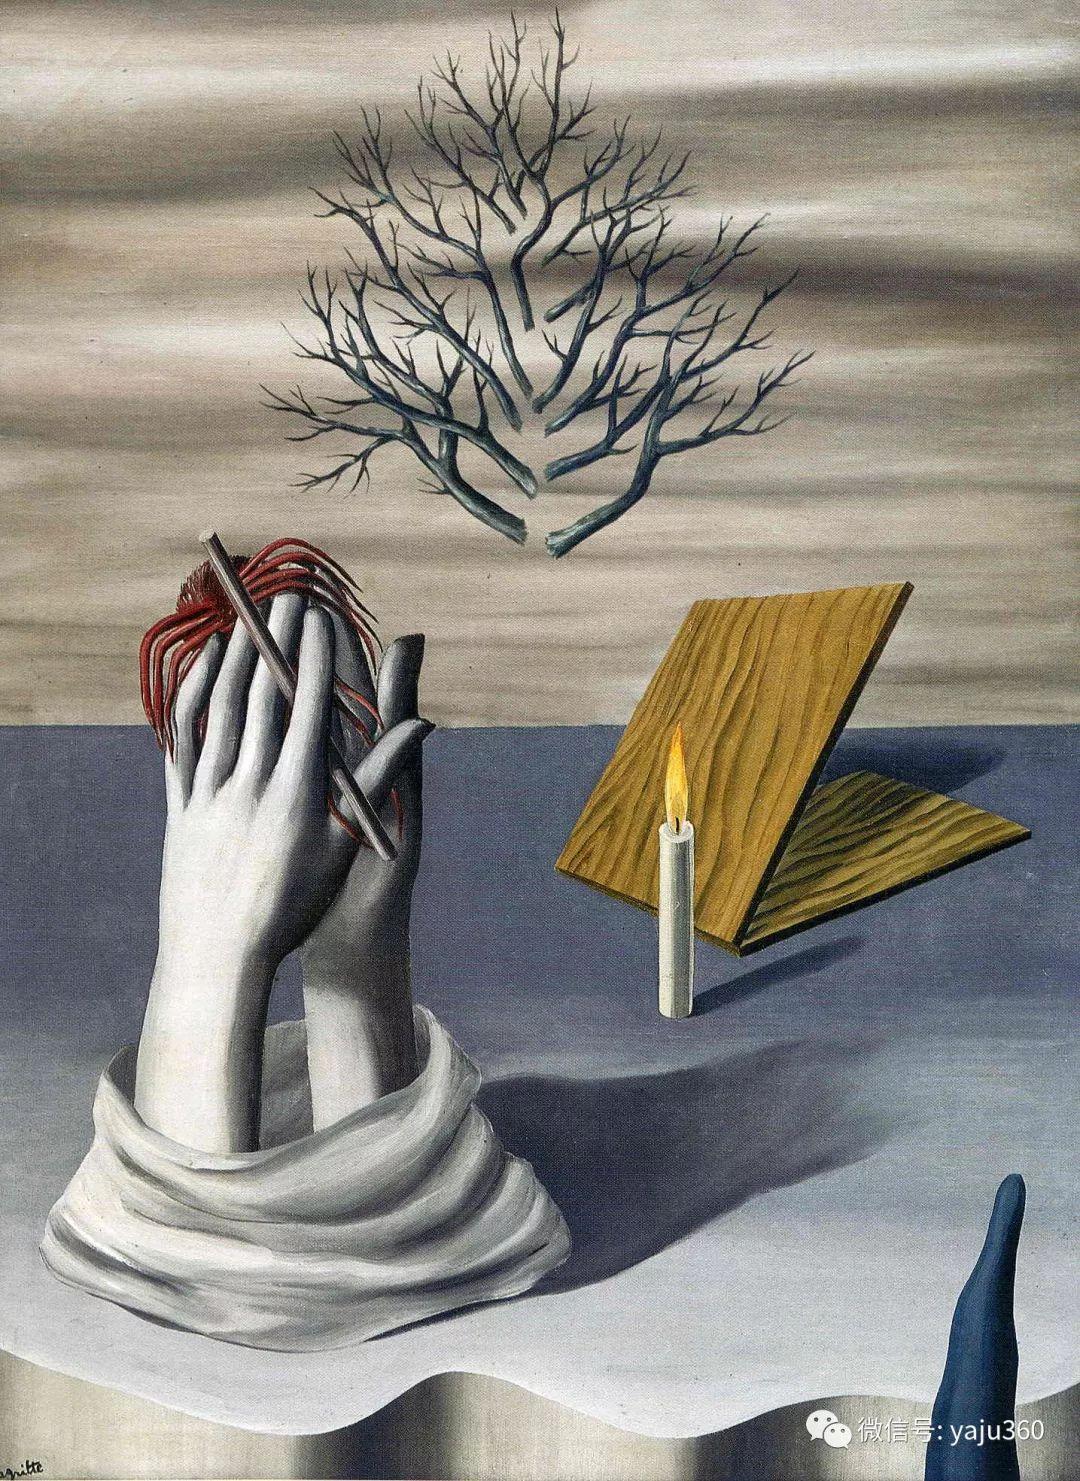 超现实主义 比利时画家Rene Magritte插图47